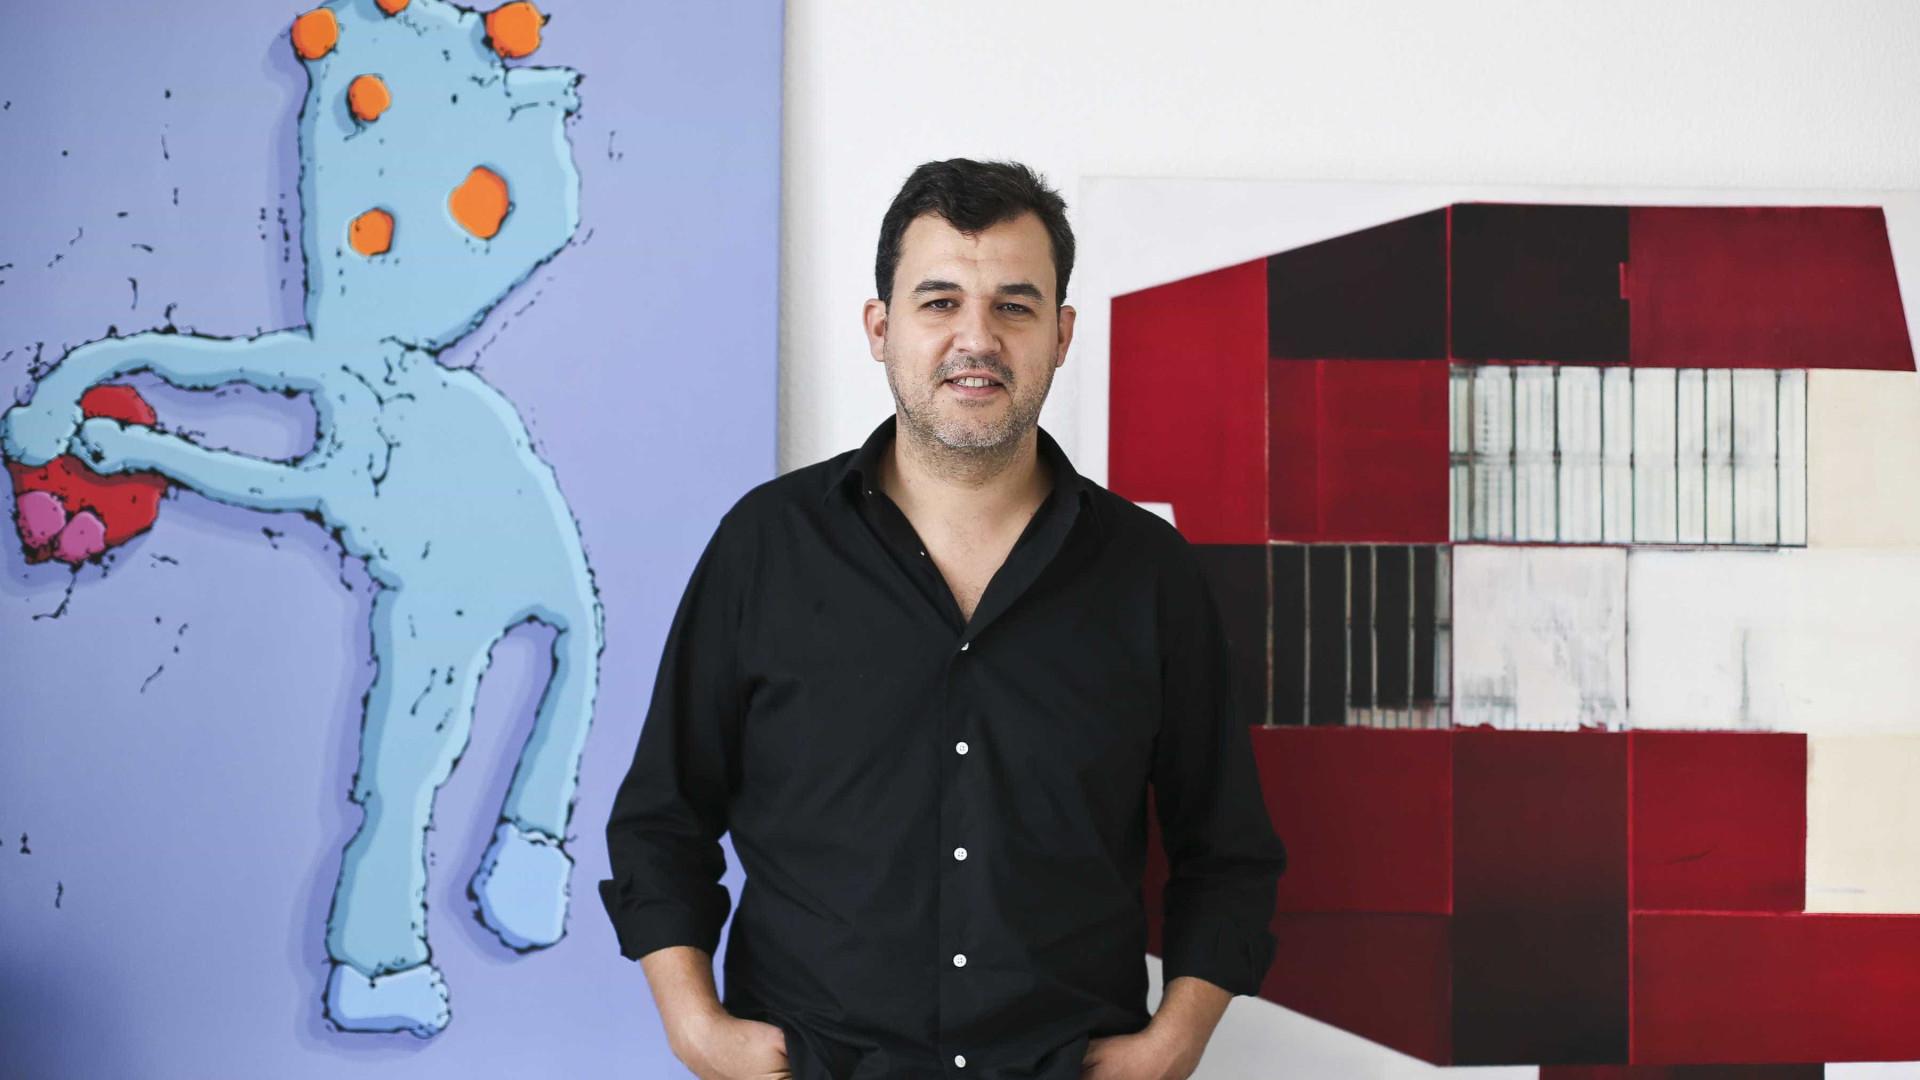 Diretor do Instituto Macrobiótico de Portugal desaparecido no mar